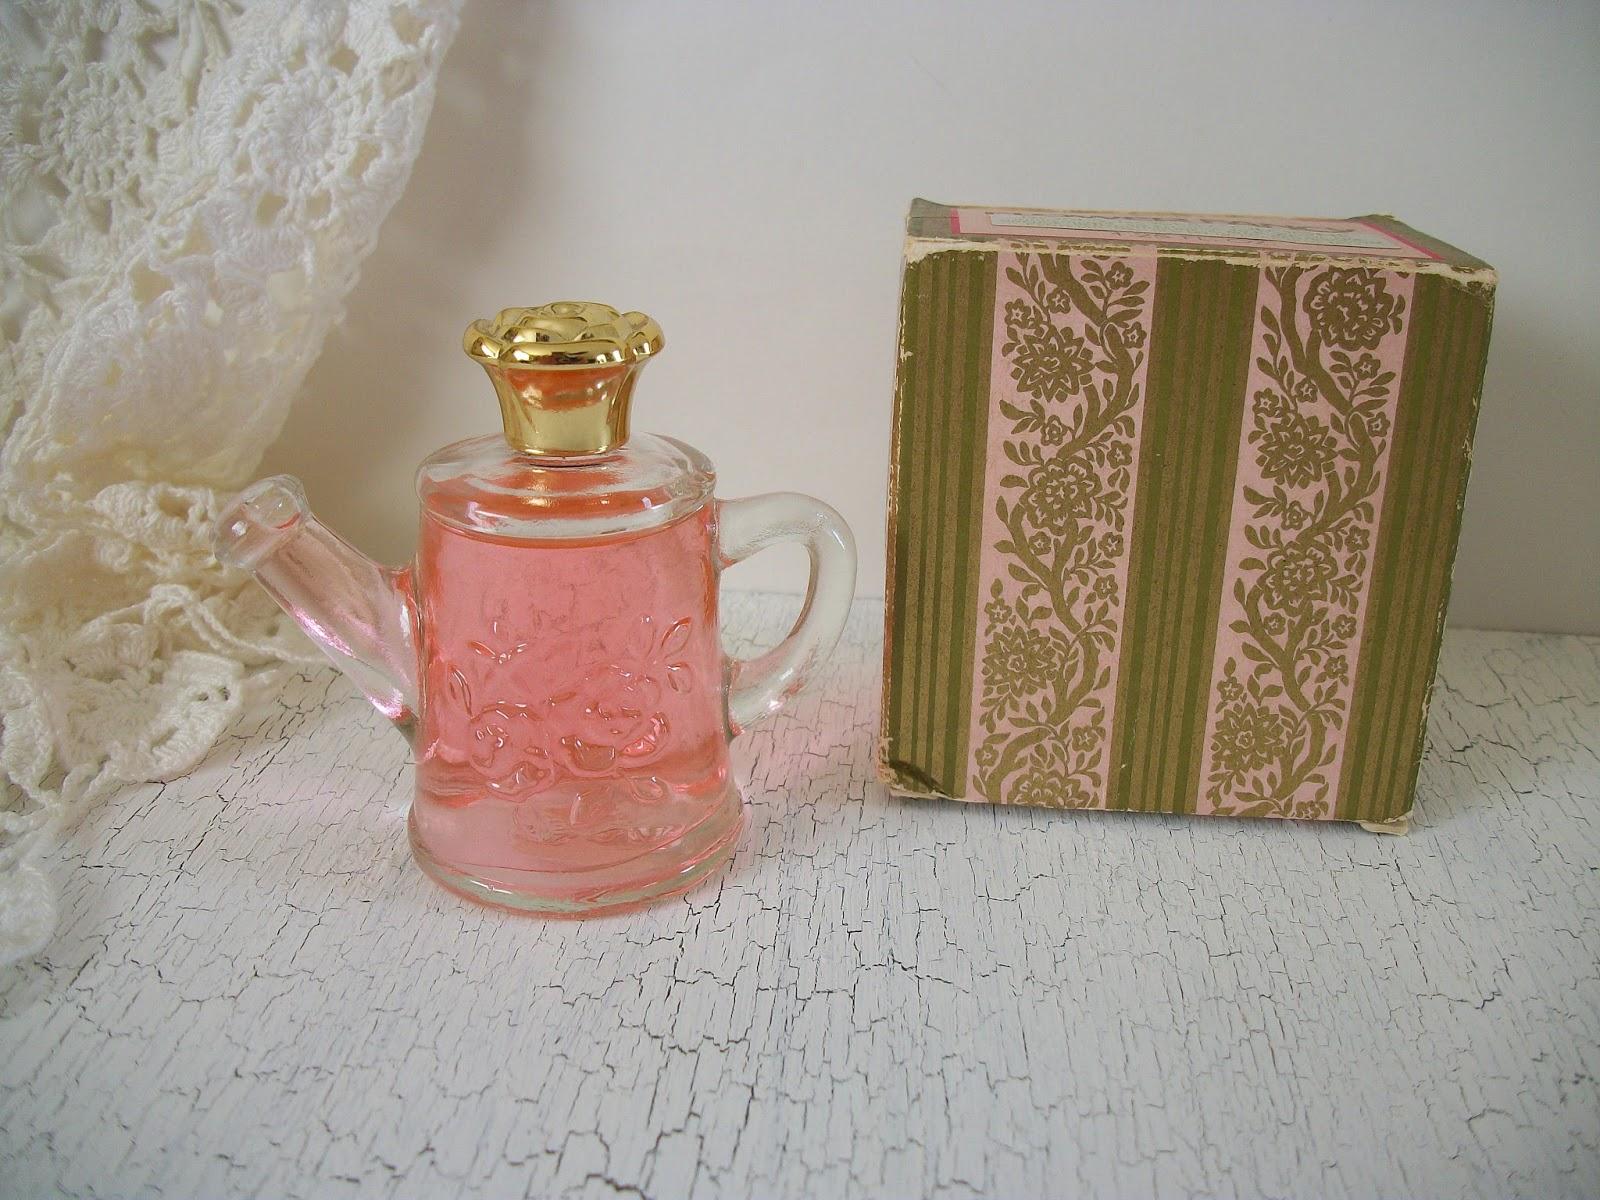 avon perfume bottles 1970s